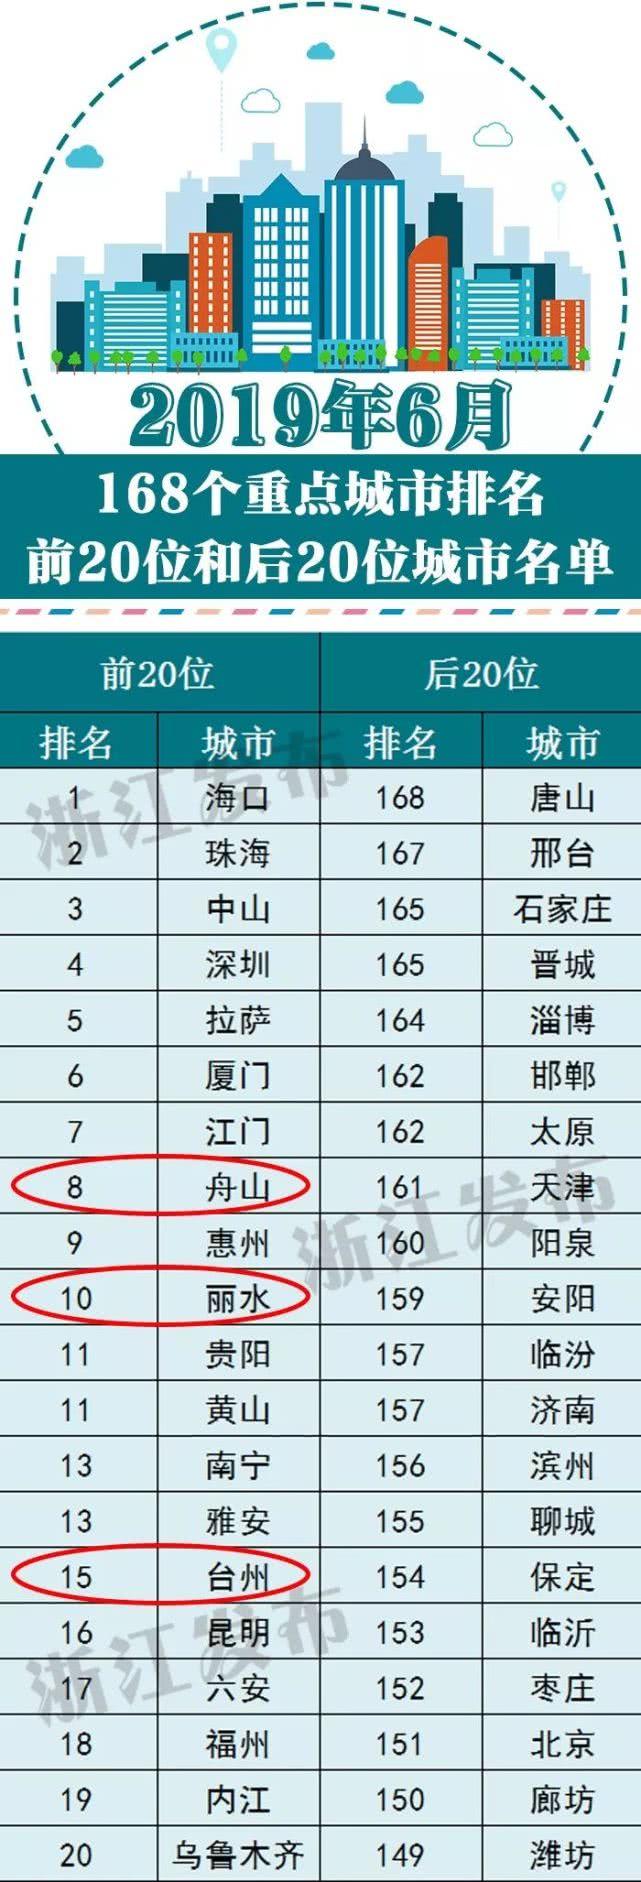 浙江3地排名前20▓█!上半年全国空气质量状况公布